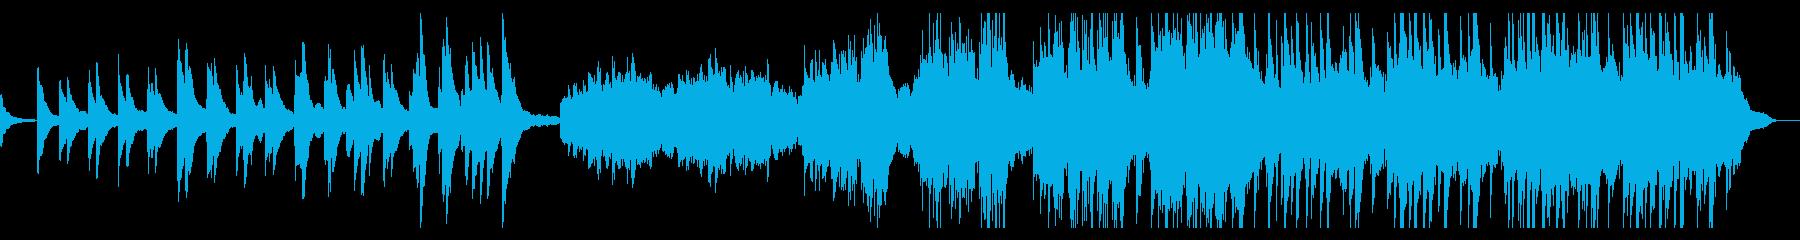 静かに始まりピアノが重なっていく感動曲の再生済みの波形